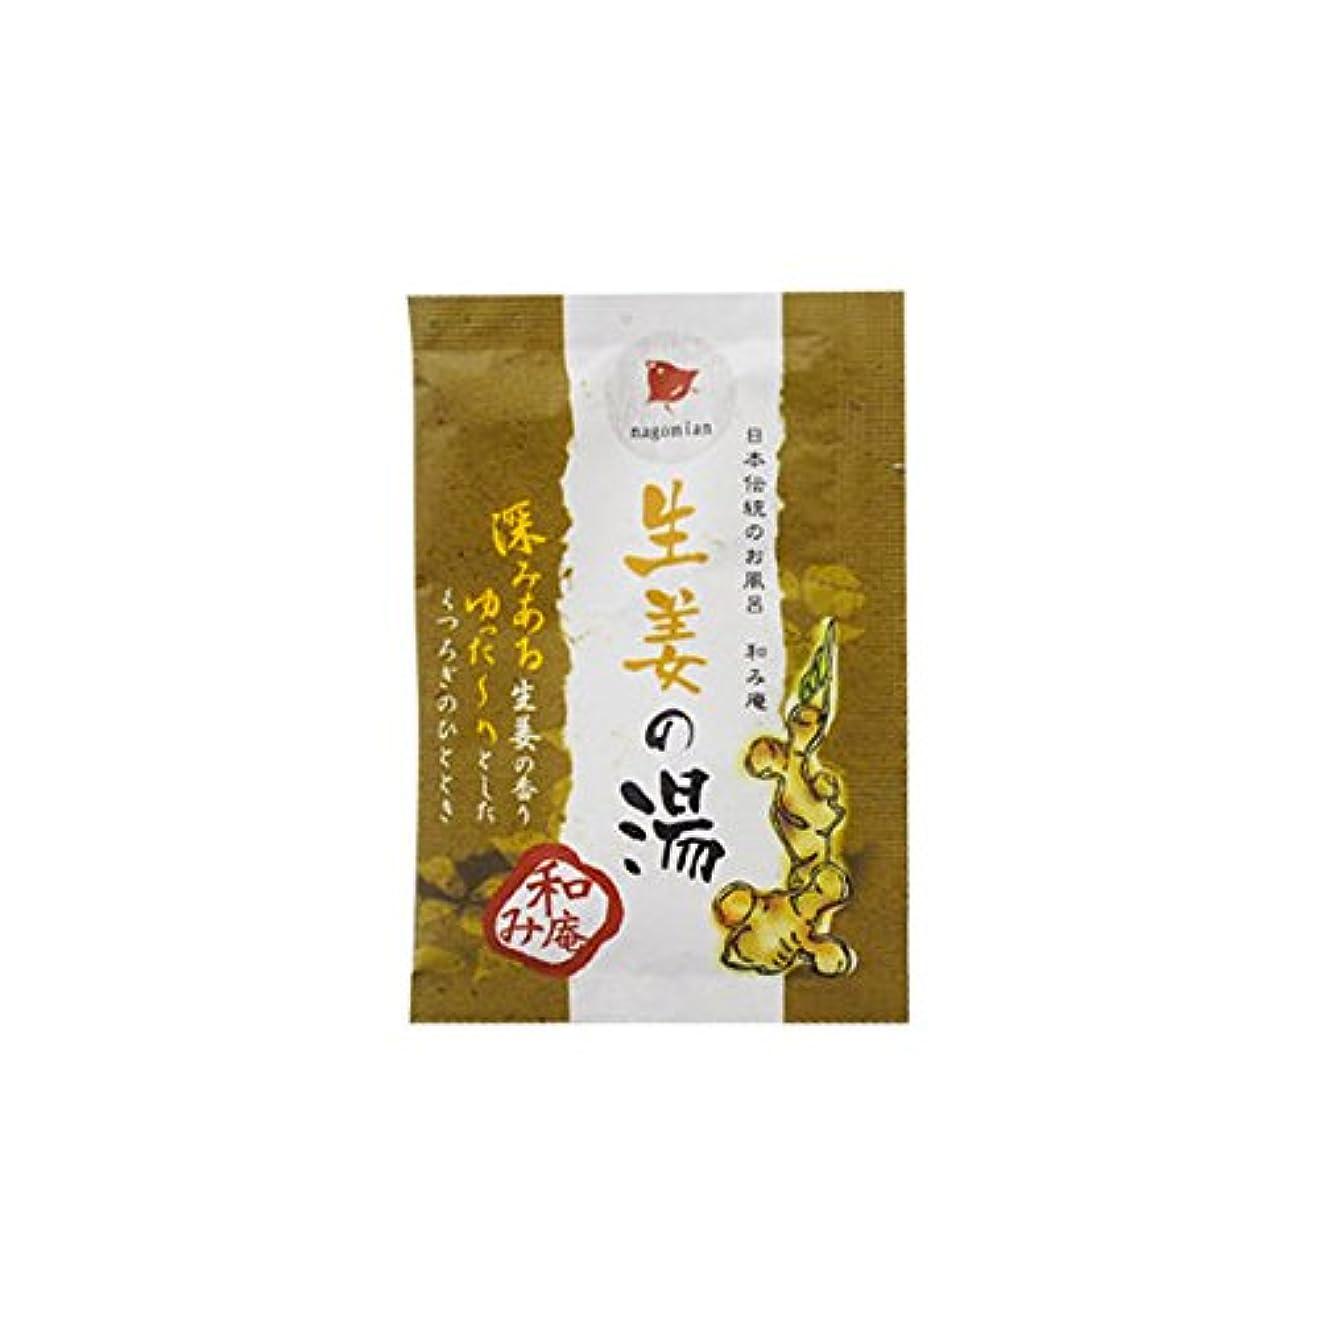 円周焦げ意味和み庵 入浴剤 「生姜の湯」30個